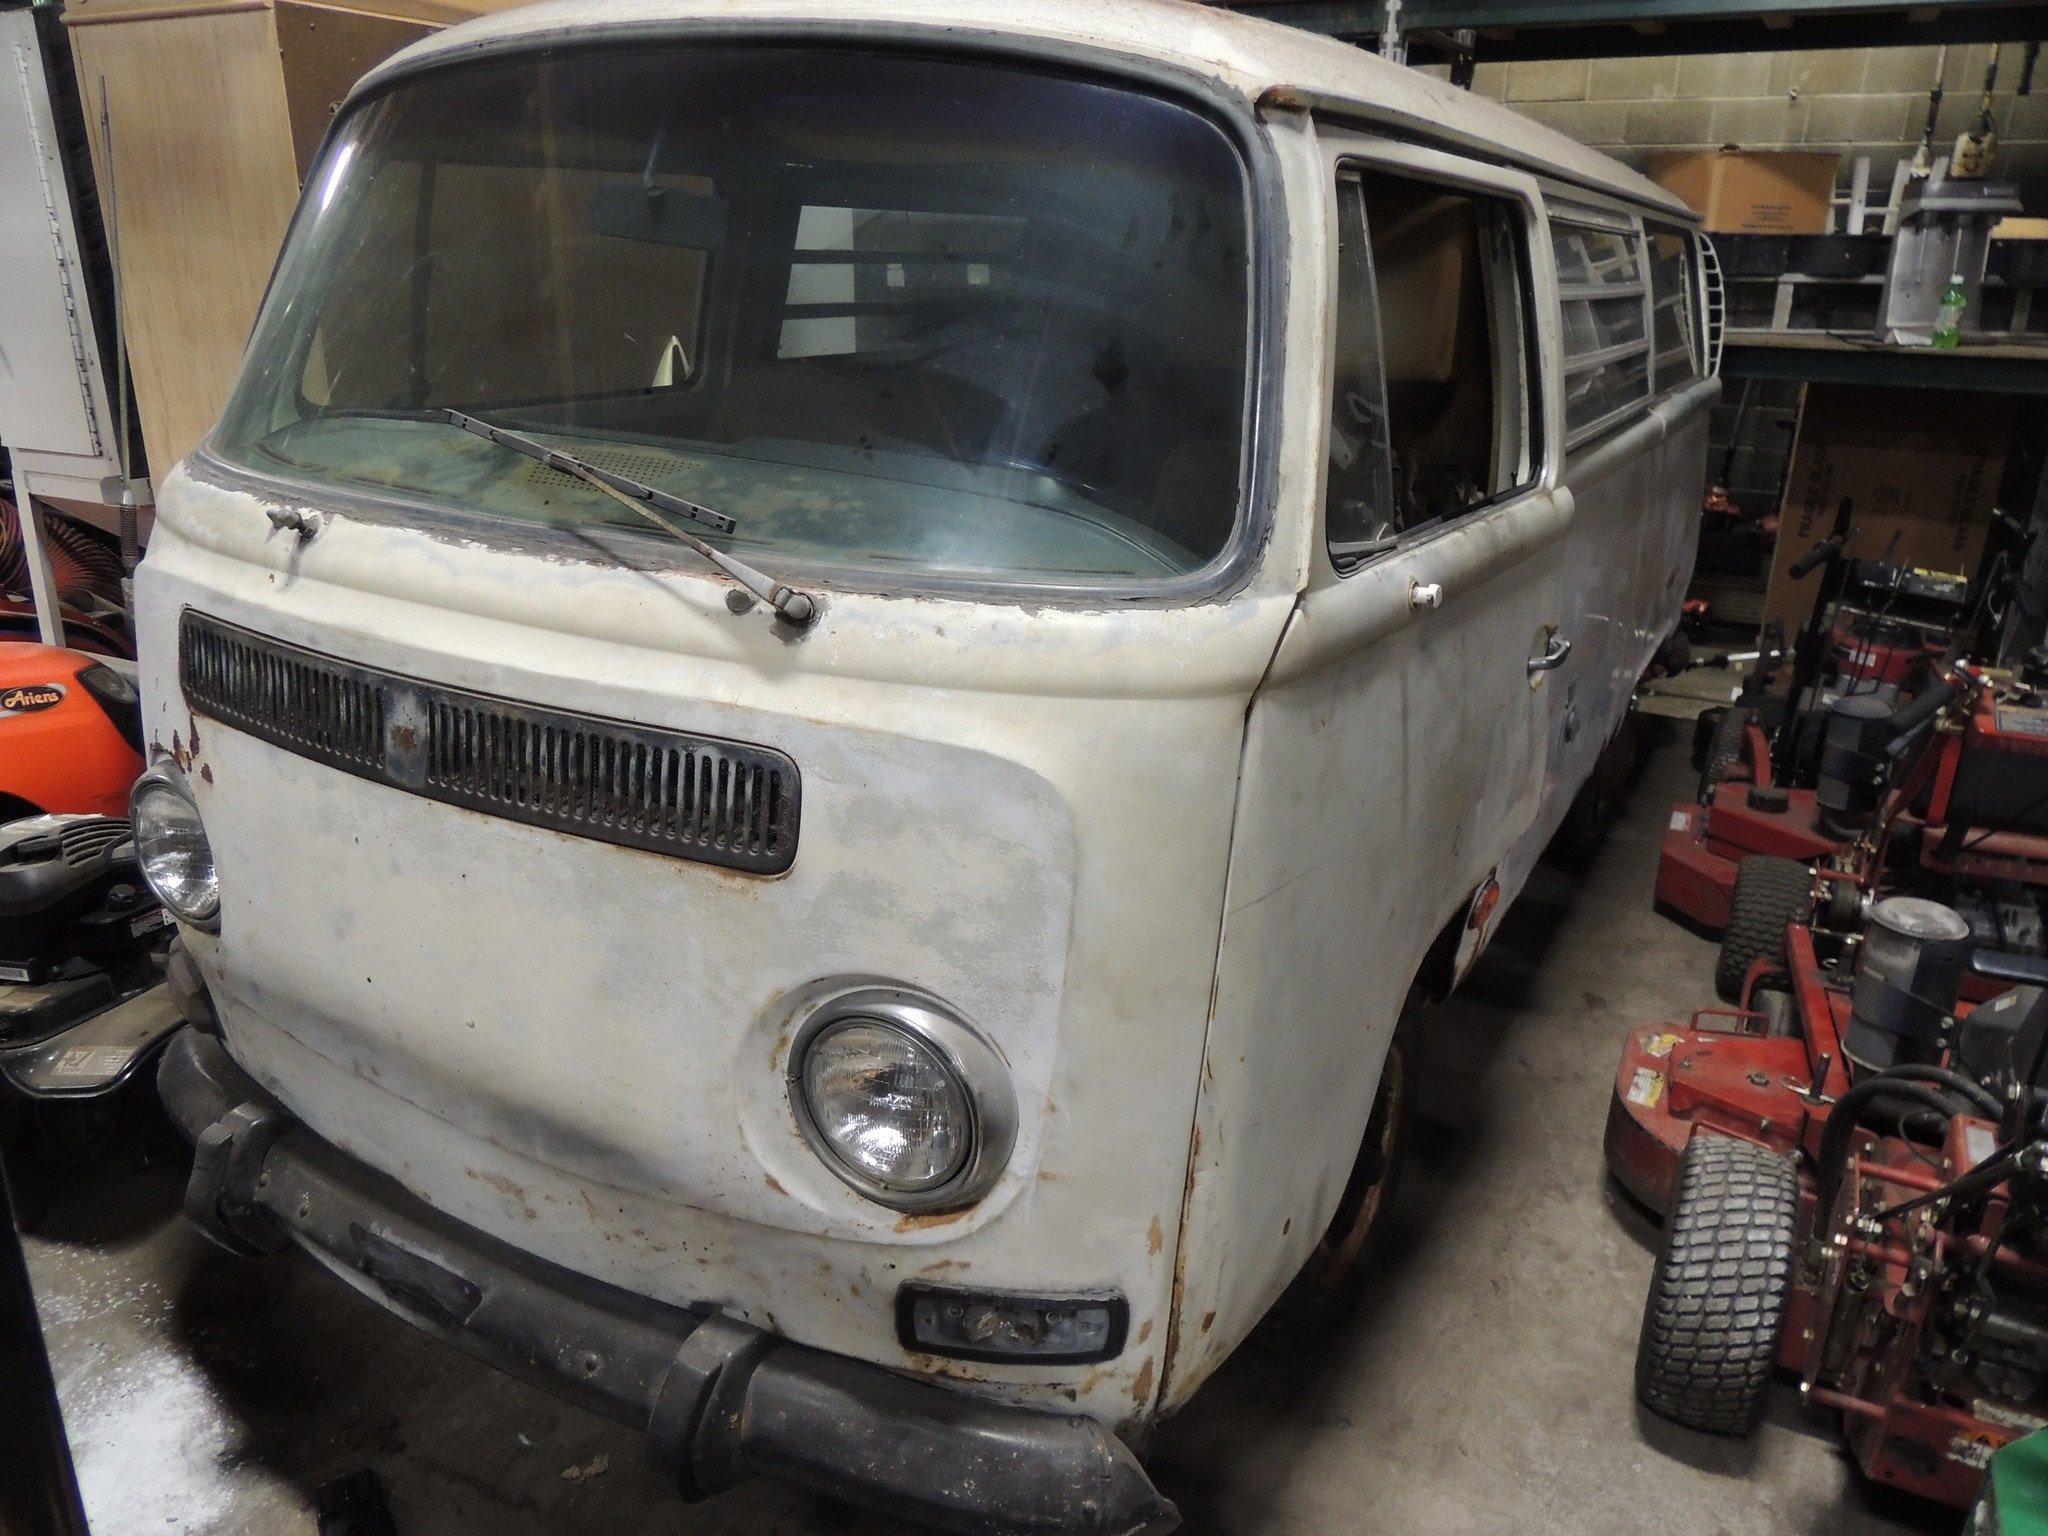 Jack Kevorkian's Van